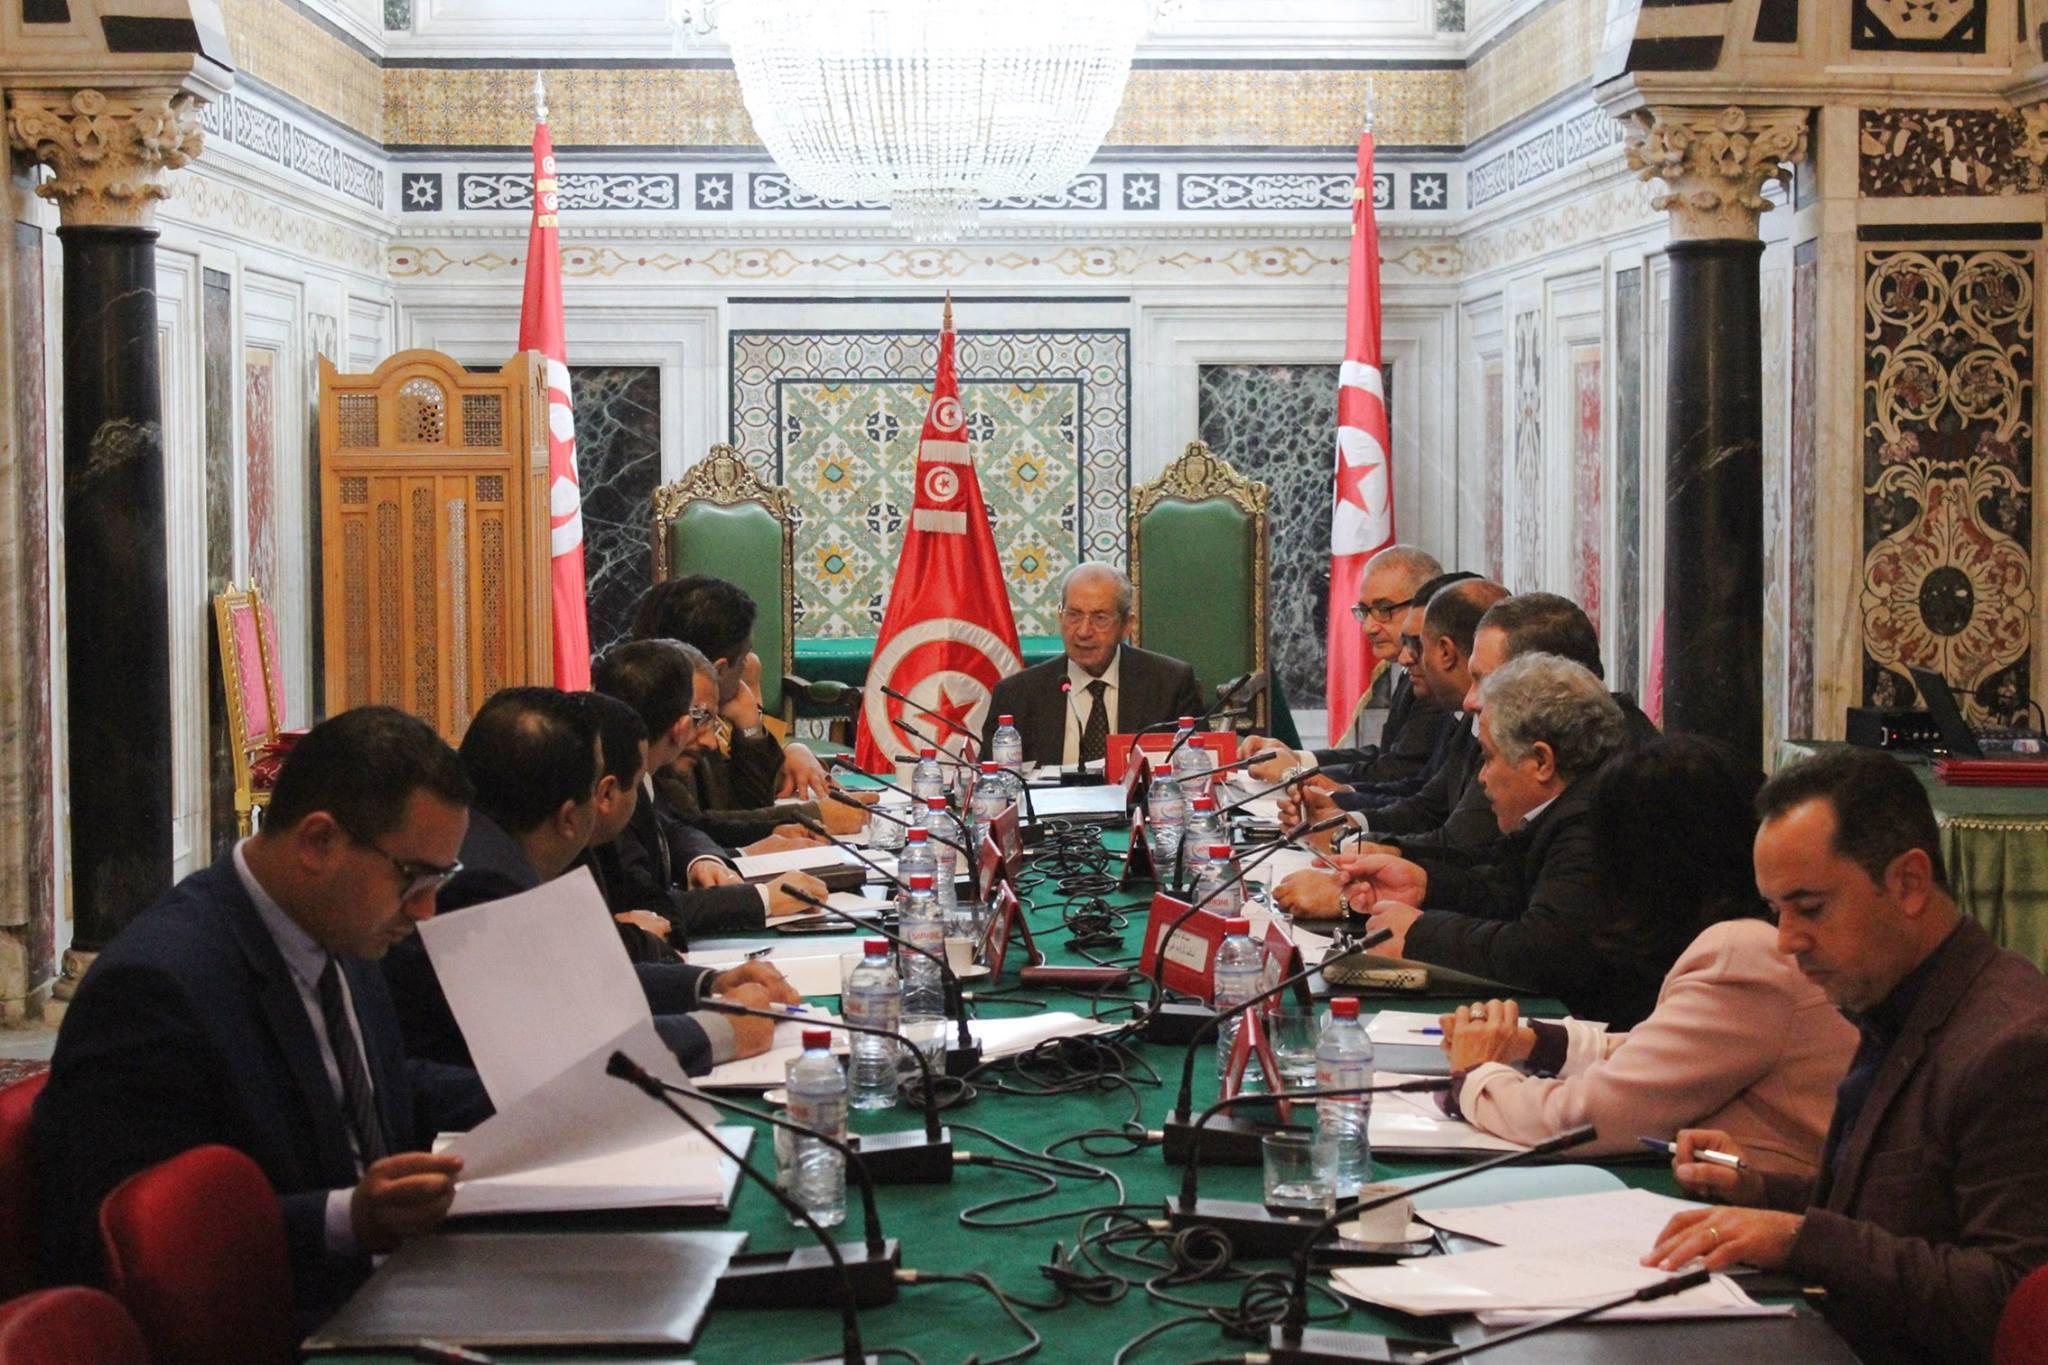 البرلمان: تواصل السياحة بين الكُتل …و توجيه أسئلة للحكومة